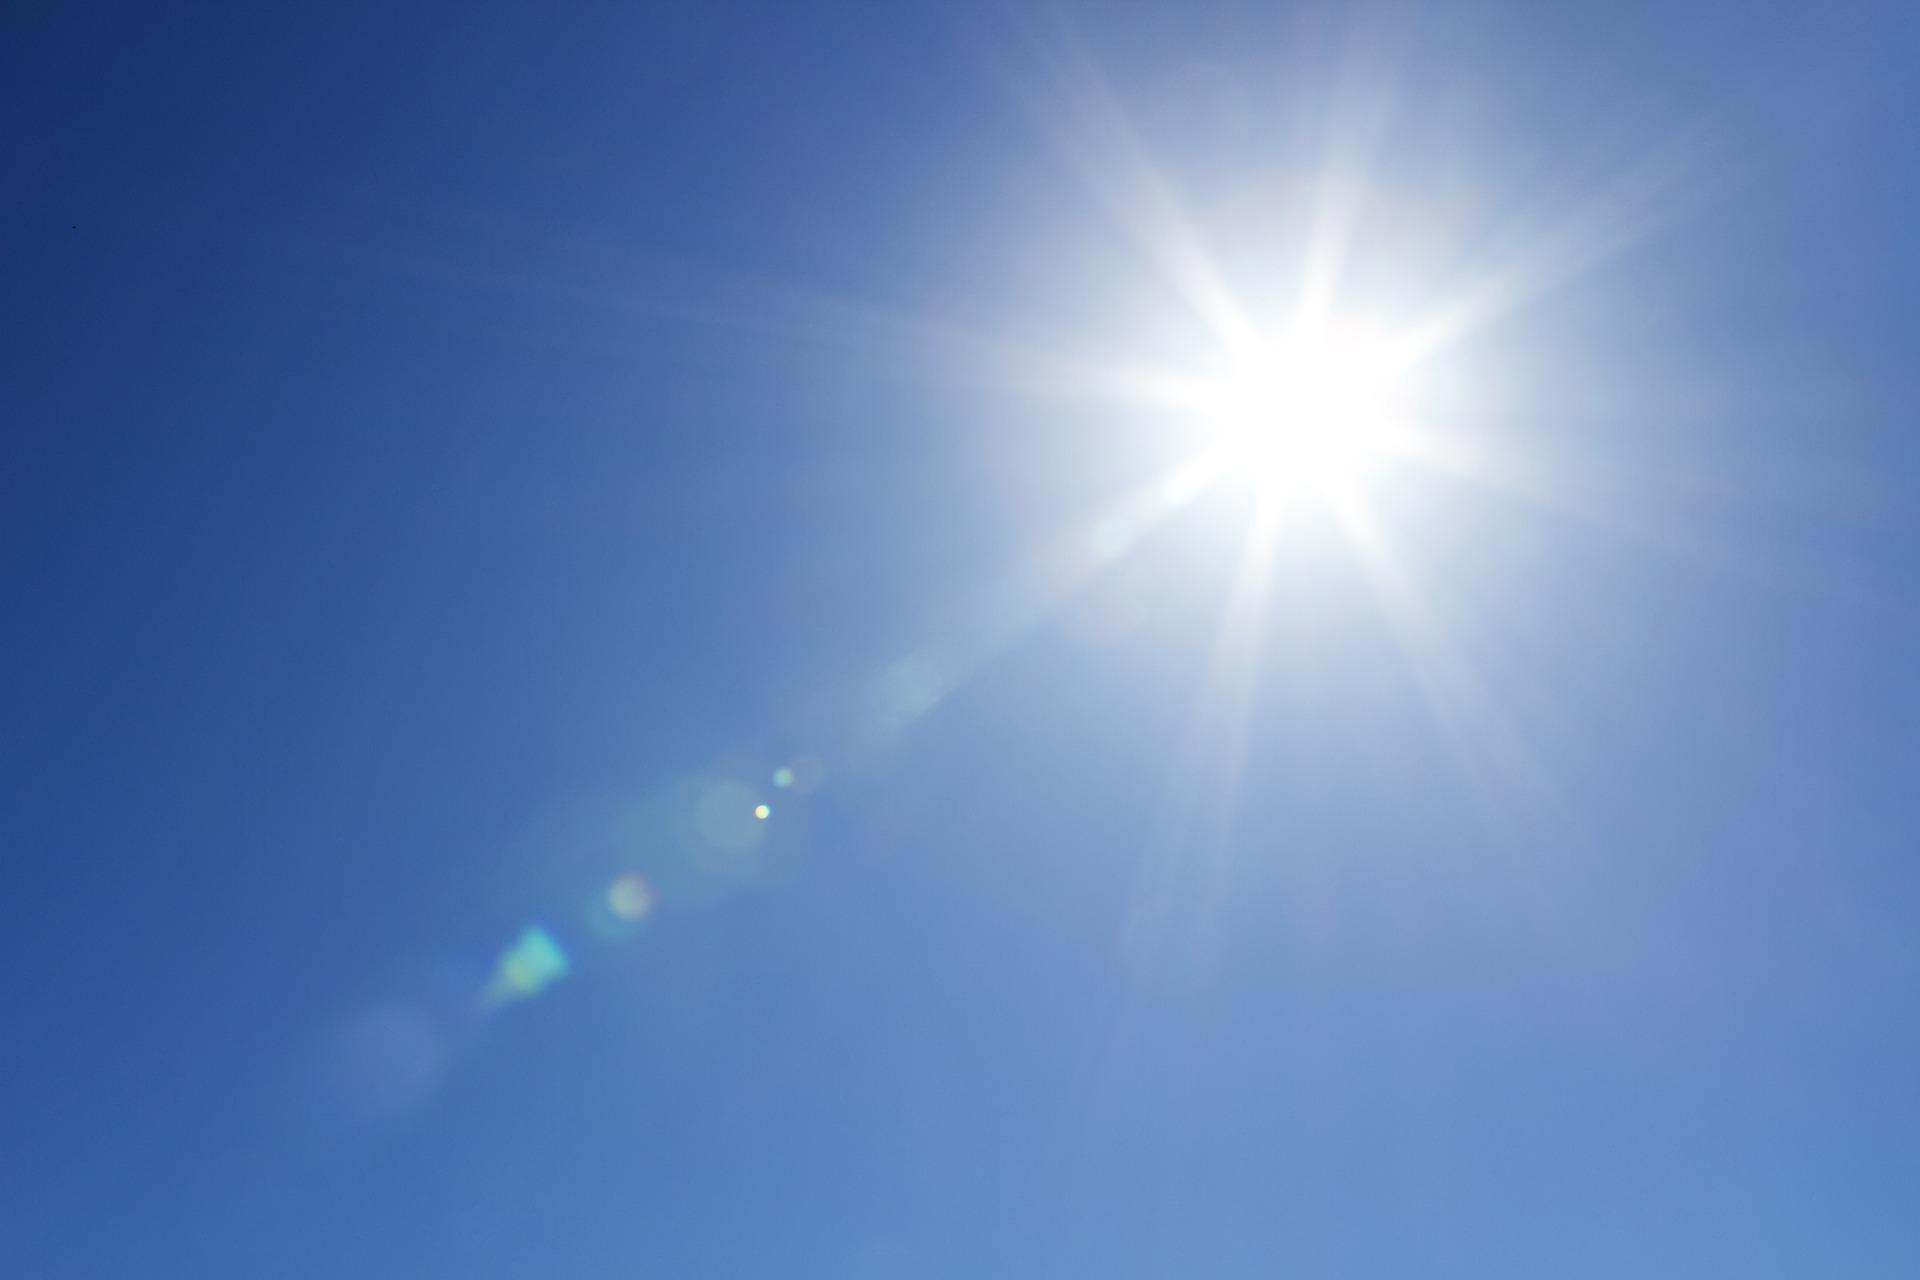 Slunce, klimatické změny, globální oteplování (ilustrační foto)